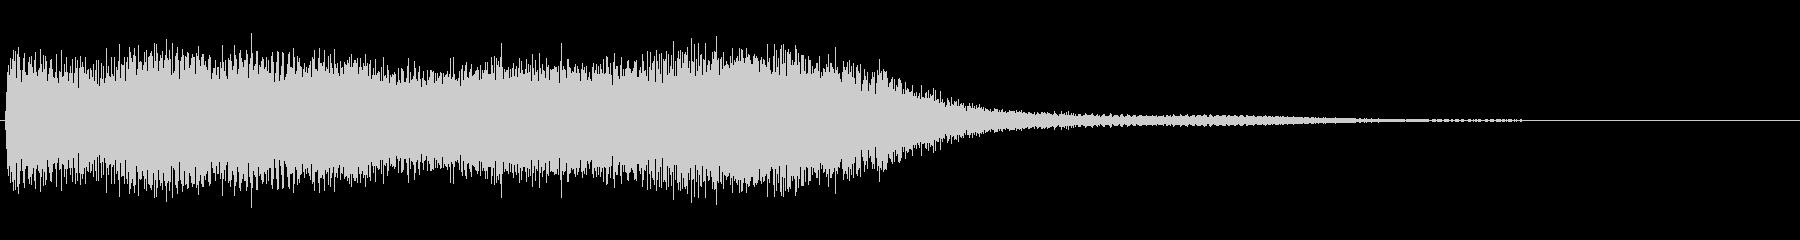 ビスタの未再生の波形